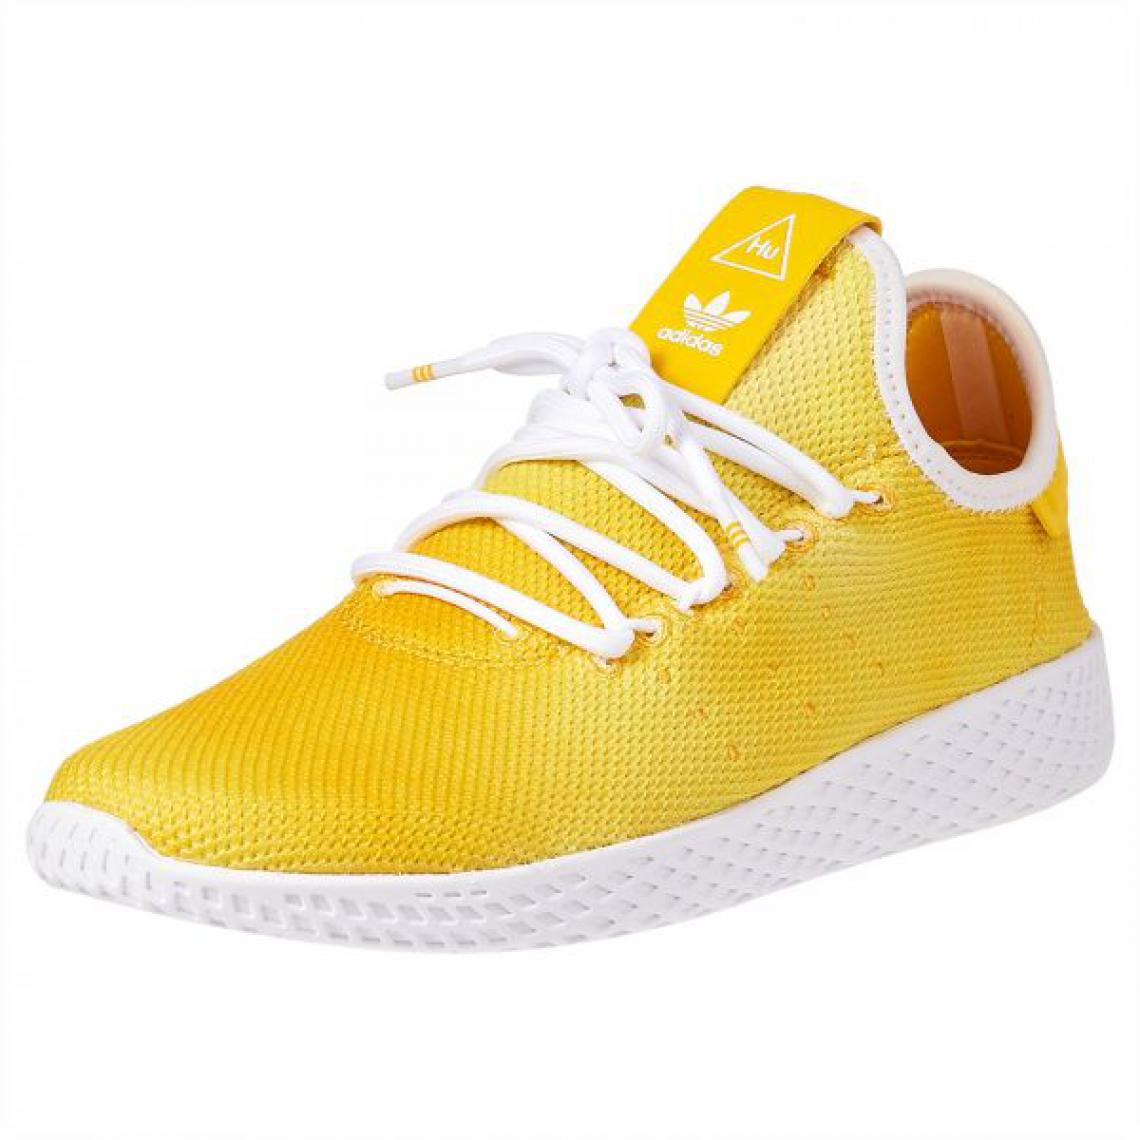 PW HU HOLI Tennis H adidas Originals | 3 SUISSES